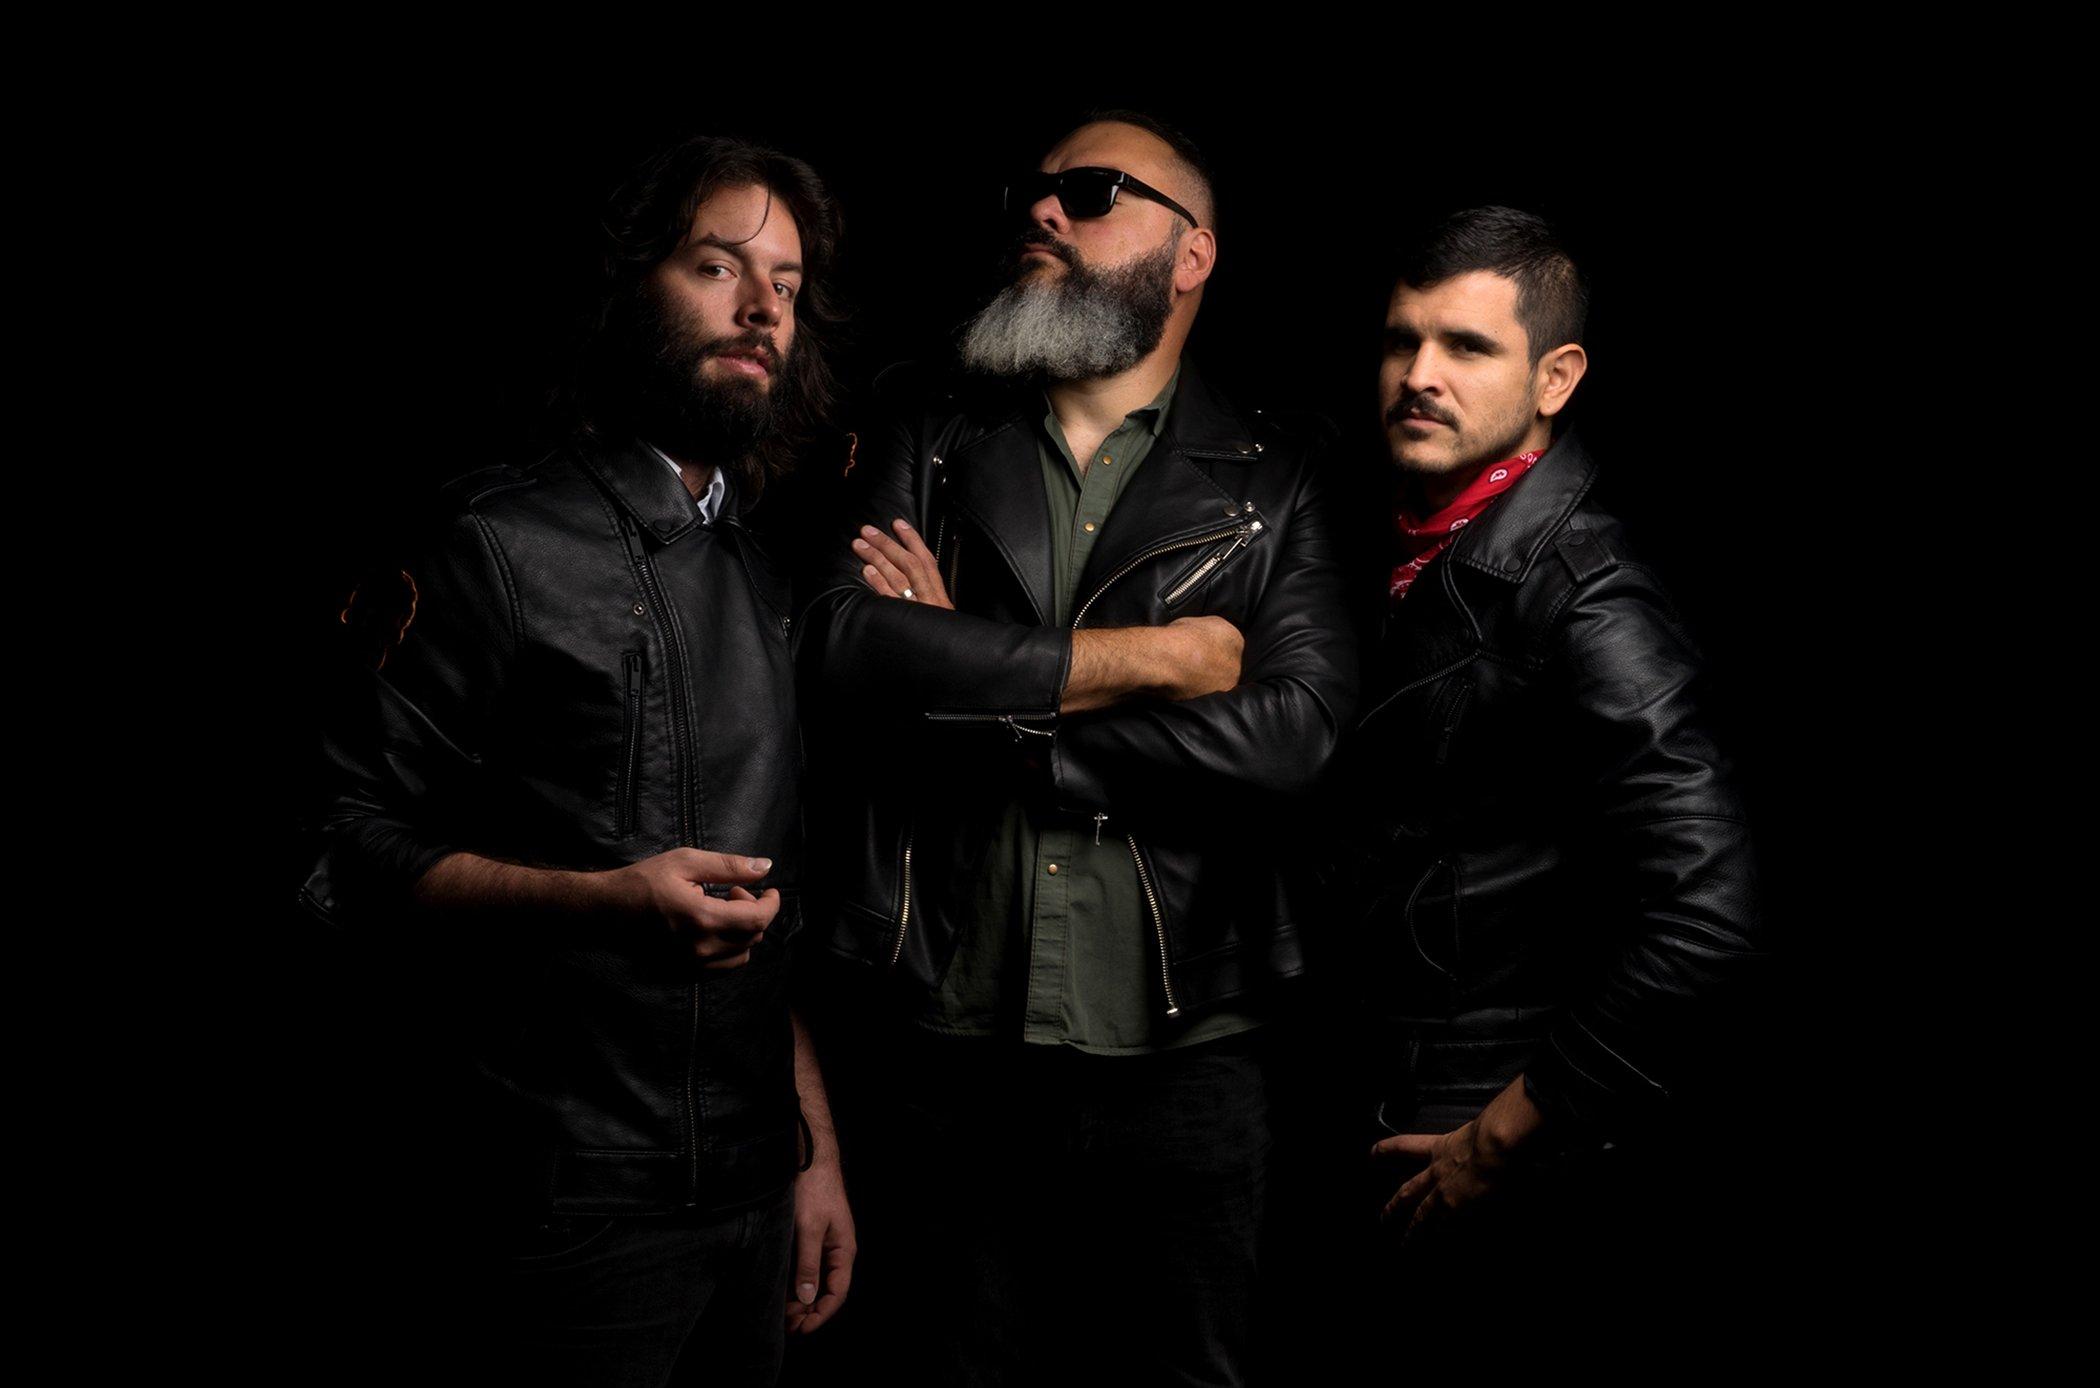 La Doble A estrenará su disco 'Campesino' en el Día de Rock Colombia y el Festival Vive Latino en México - La-Doble-A-1